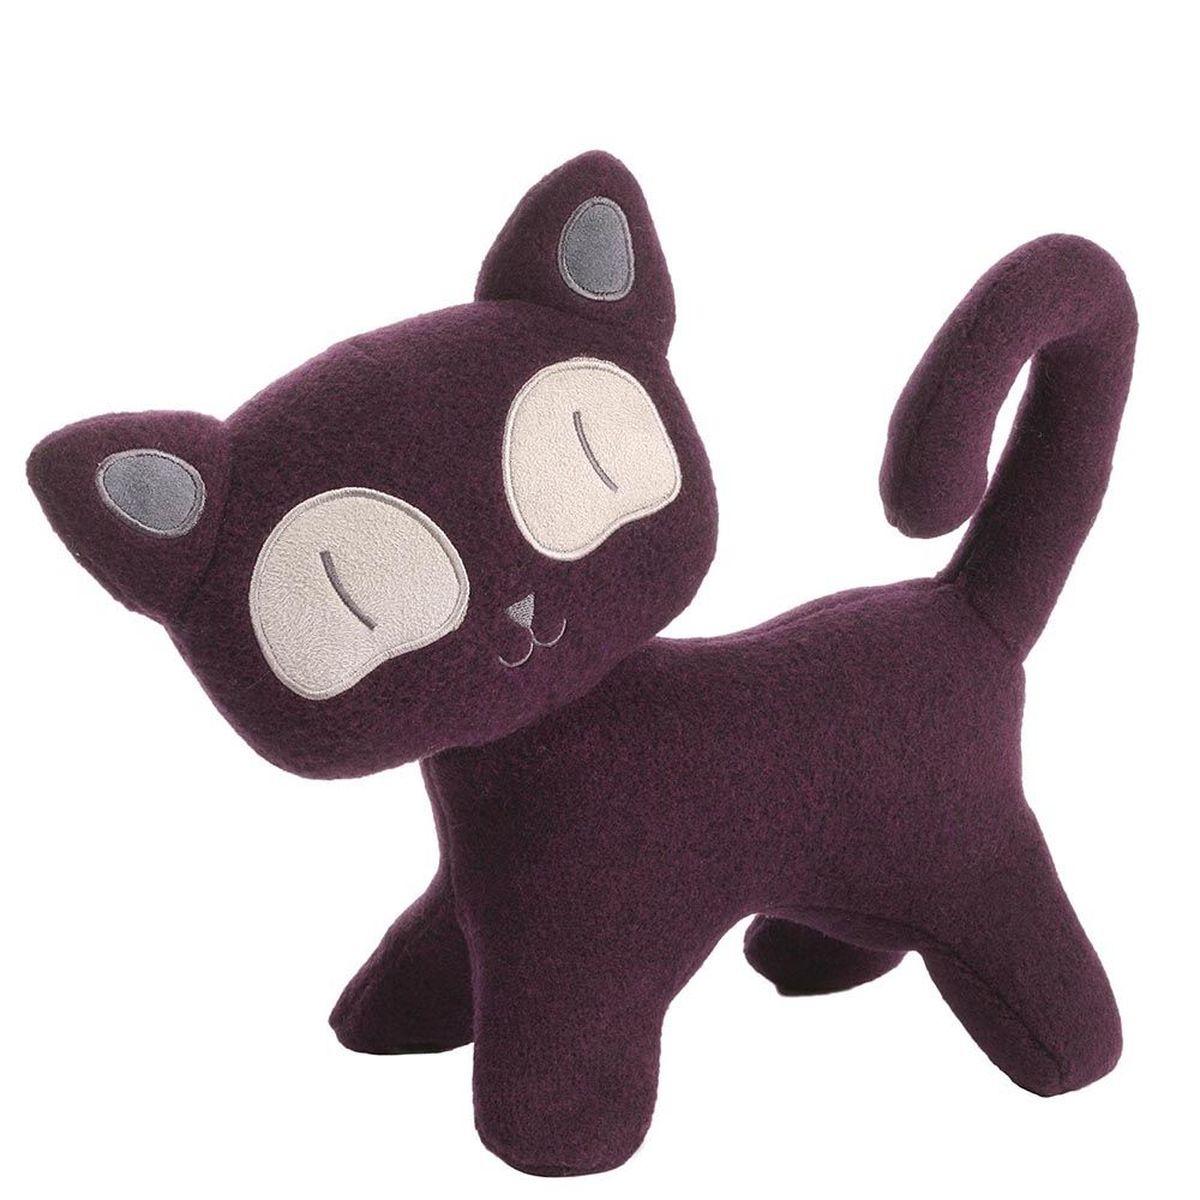 Gund Мягкая игрушка Hasumi Cat 25,5 см малышарики мягкая игрушка собака бассет хаунд 23 см